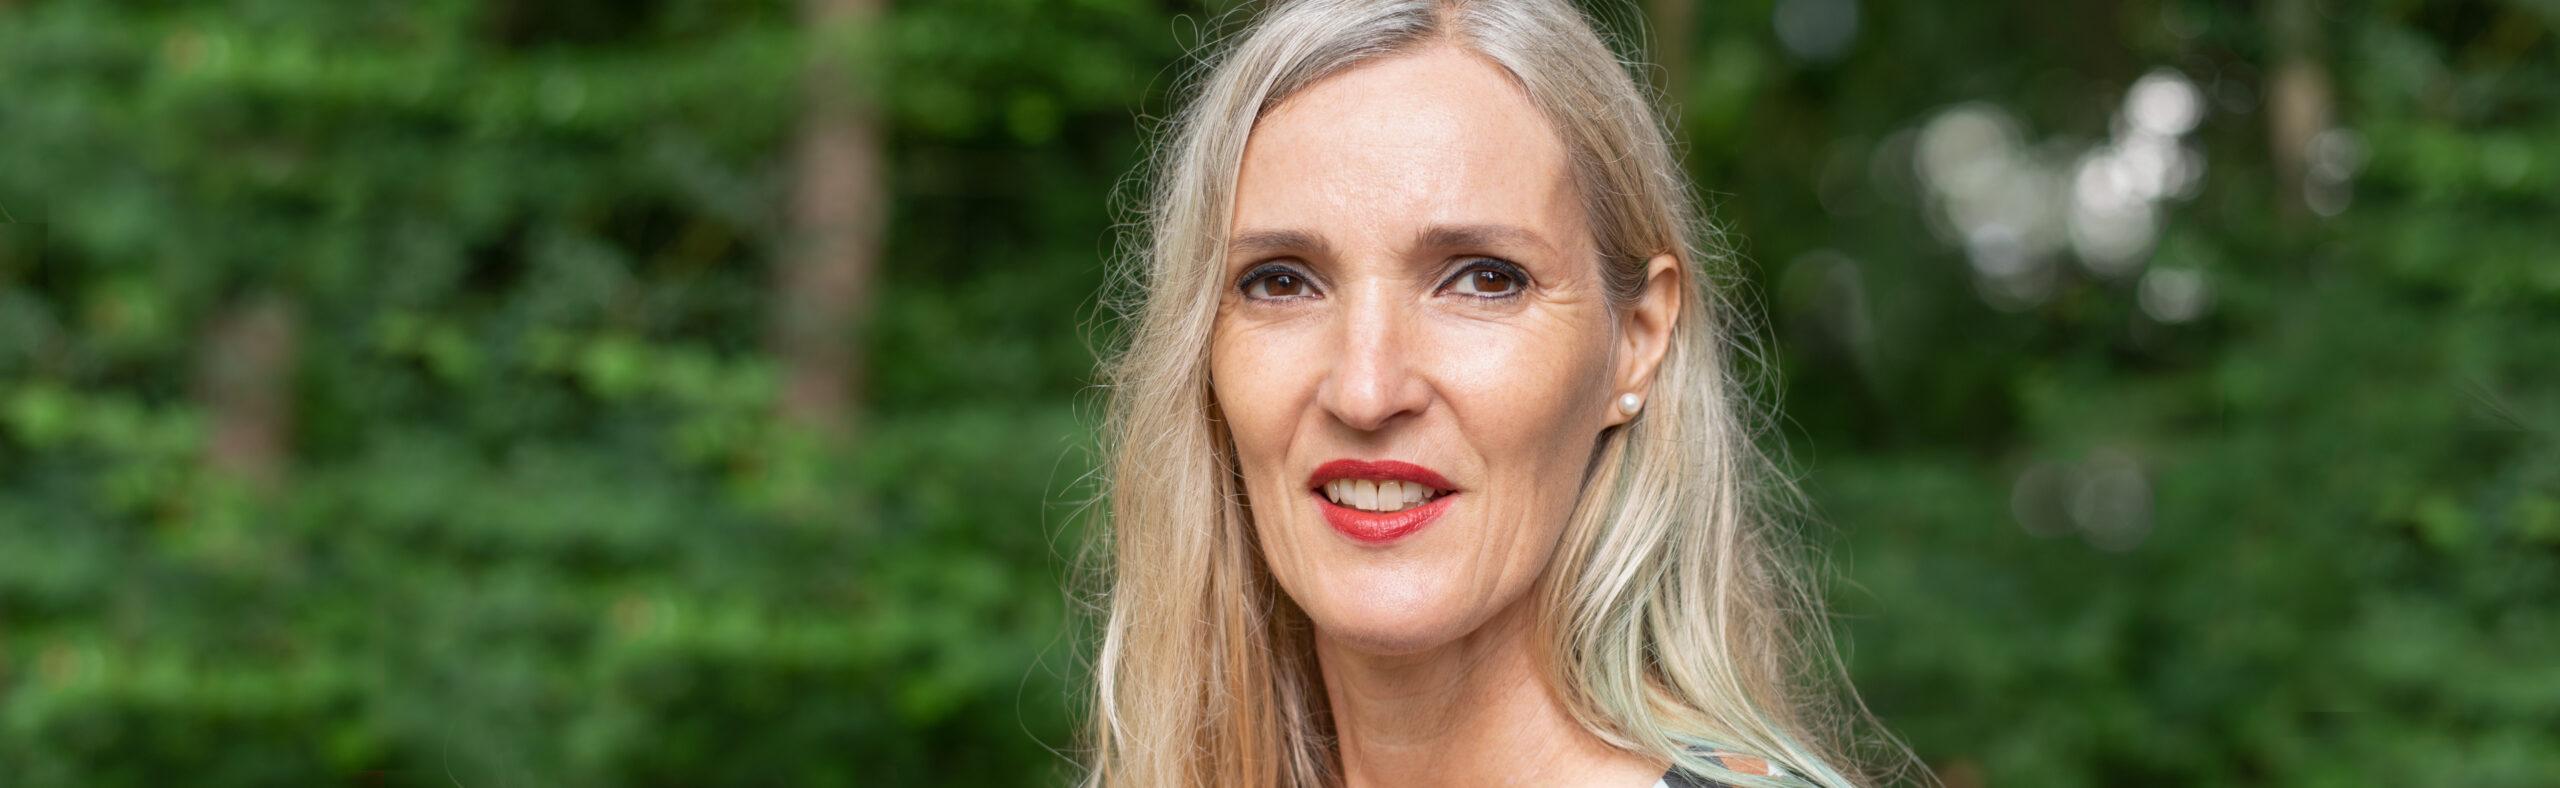 Anke Altmeyer Heilpraktikerin